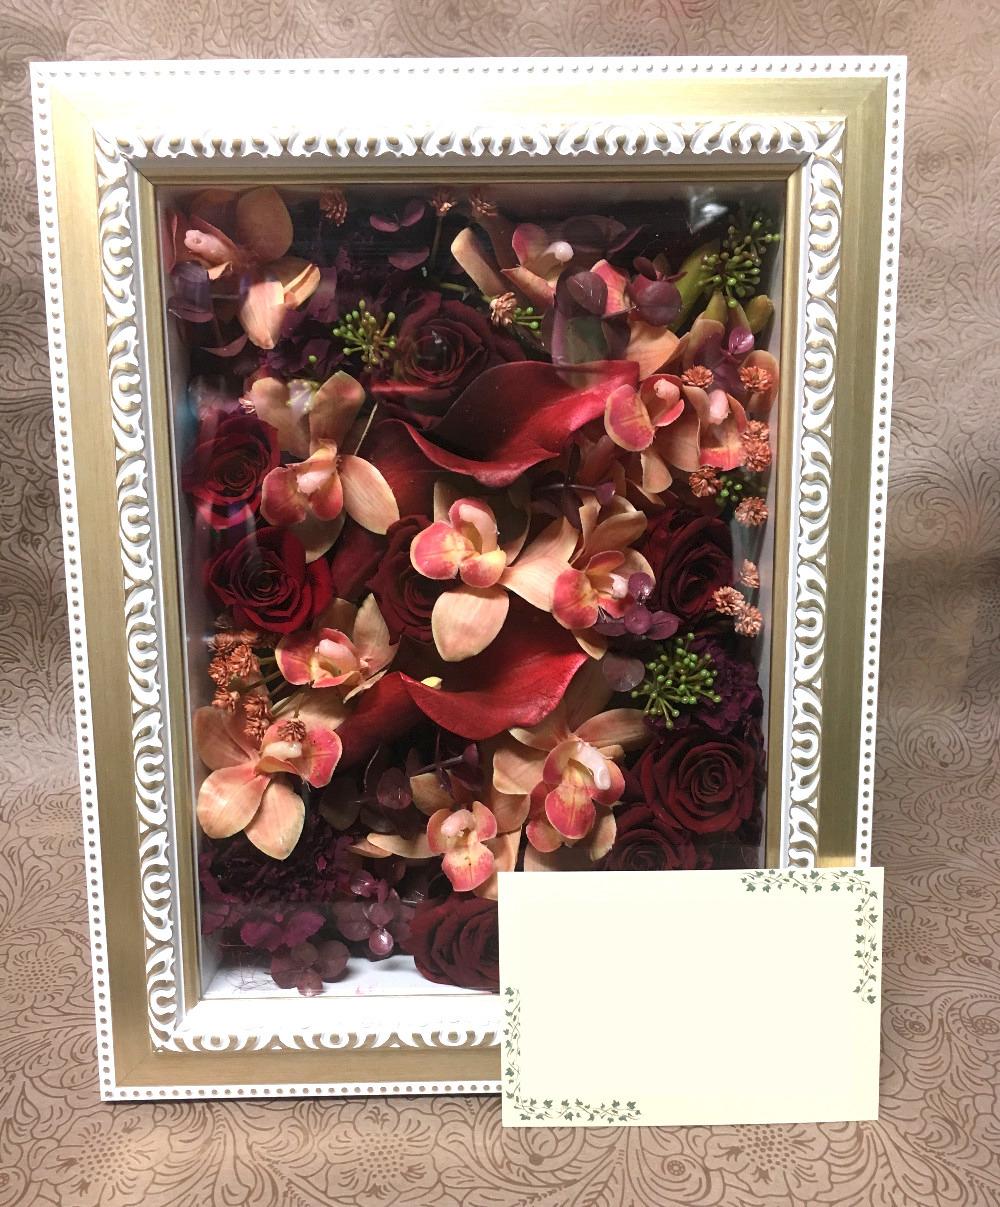 美しい絵画の様なプリザーブドフラワー祝い花